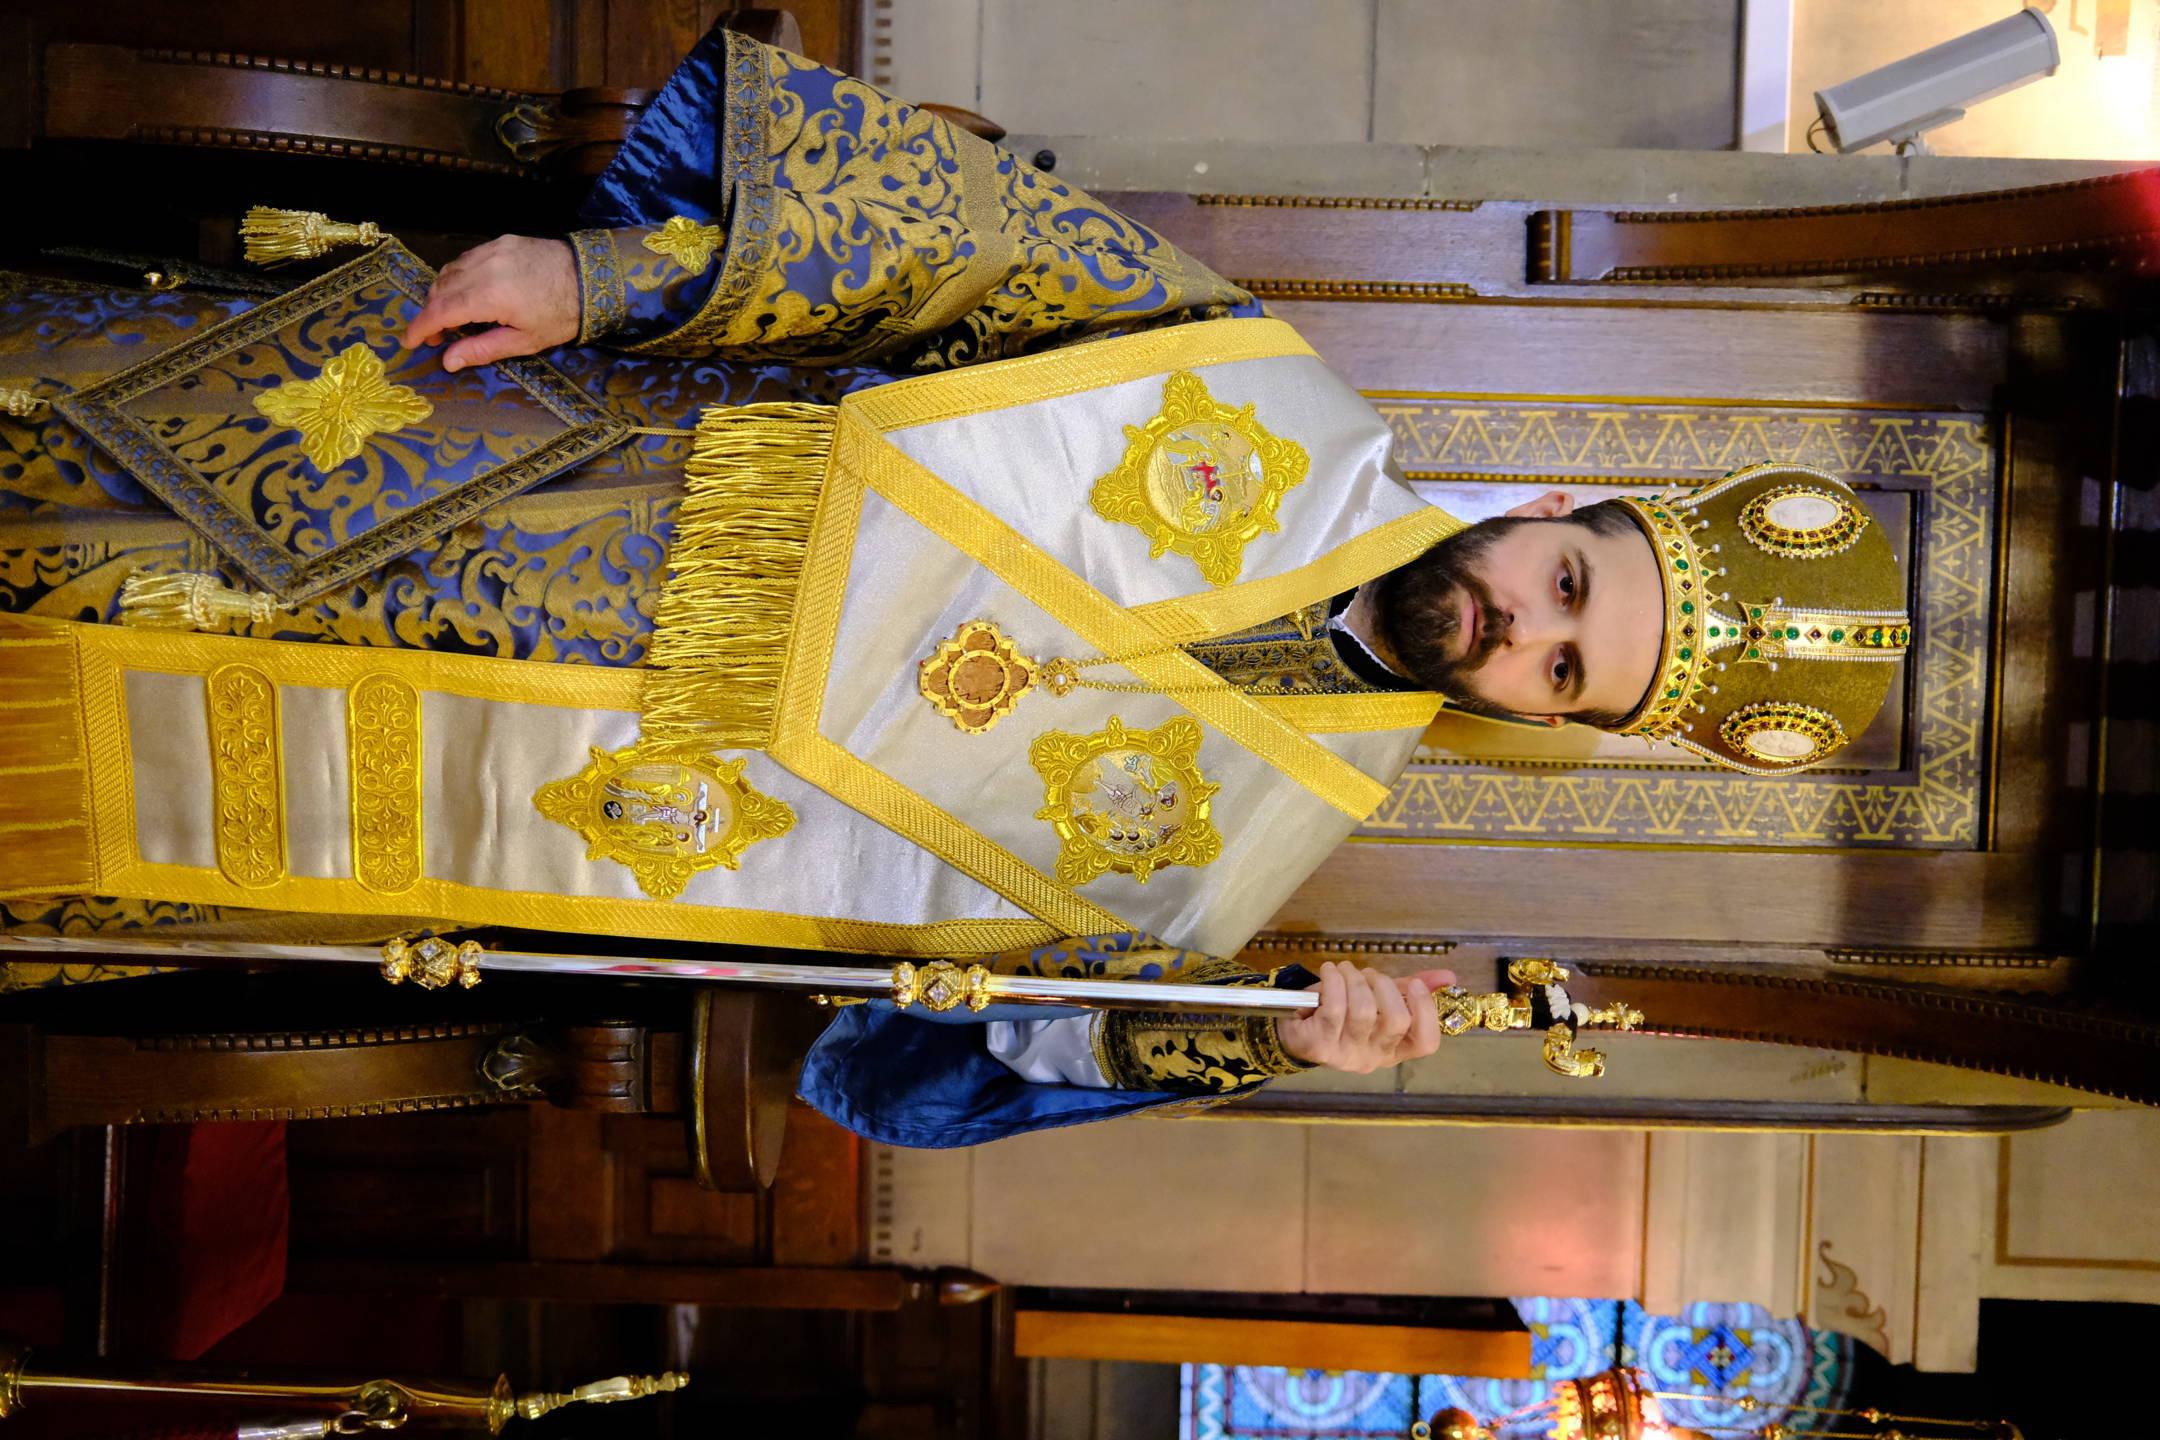 DSCF2643  - Οι Έλληνες του Παρισιού εόρτασαν τα Θεοφάνεια (φωτο)